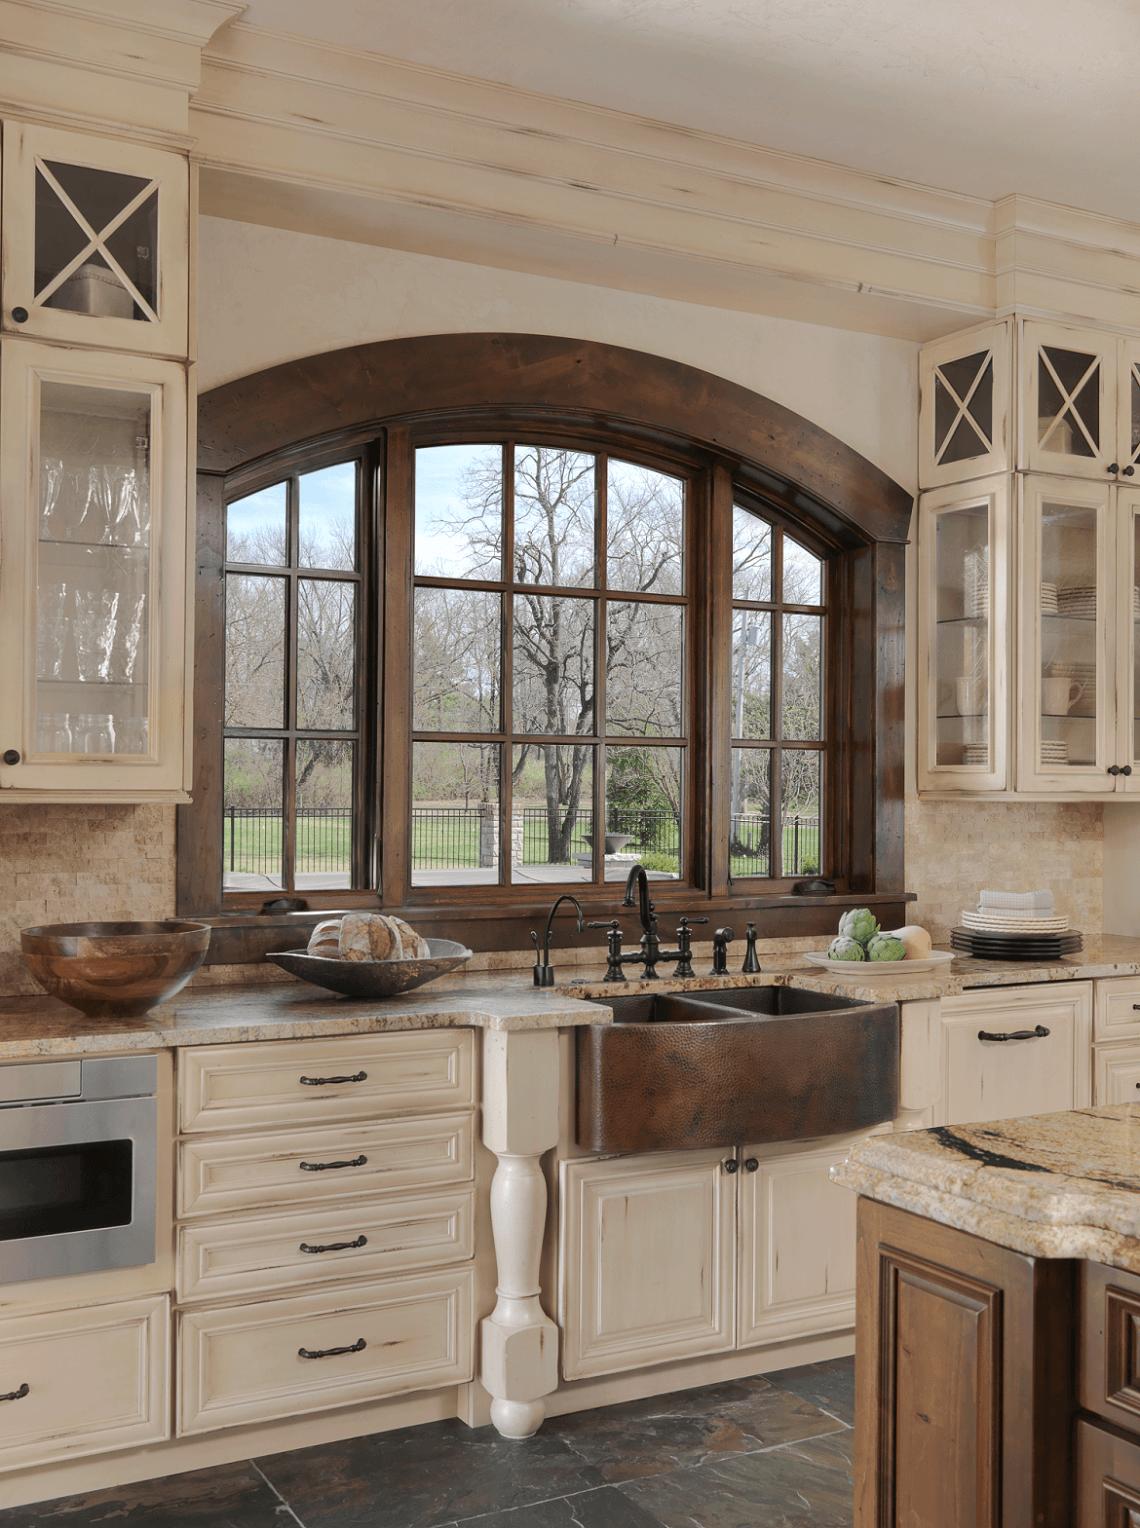 Old World Inspired Kitchen